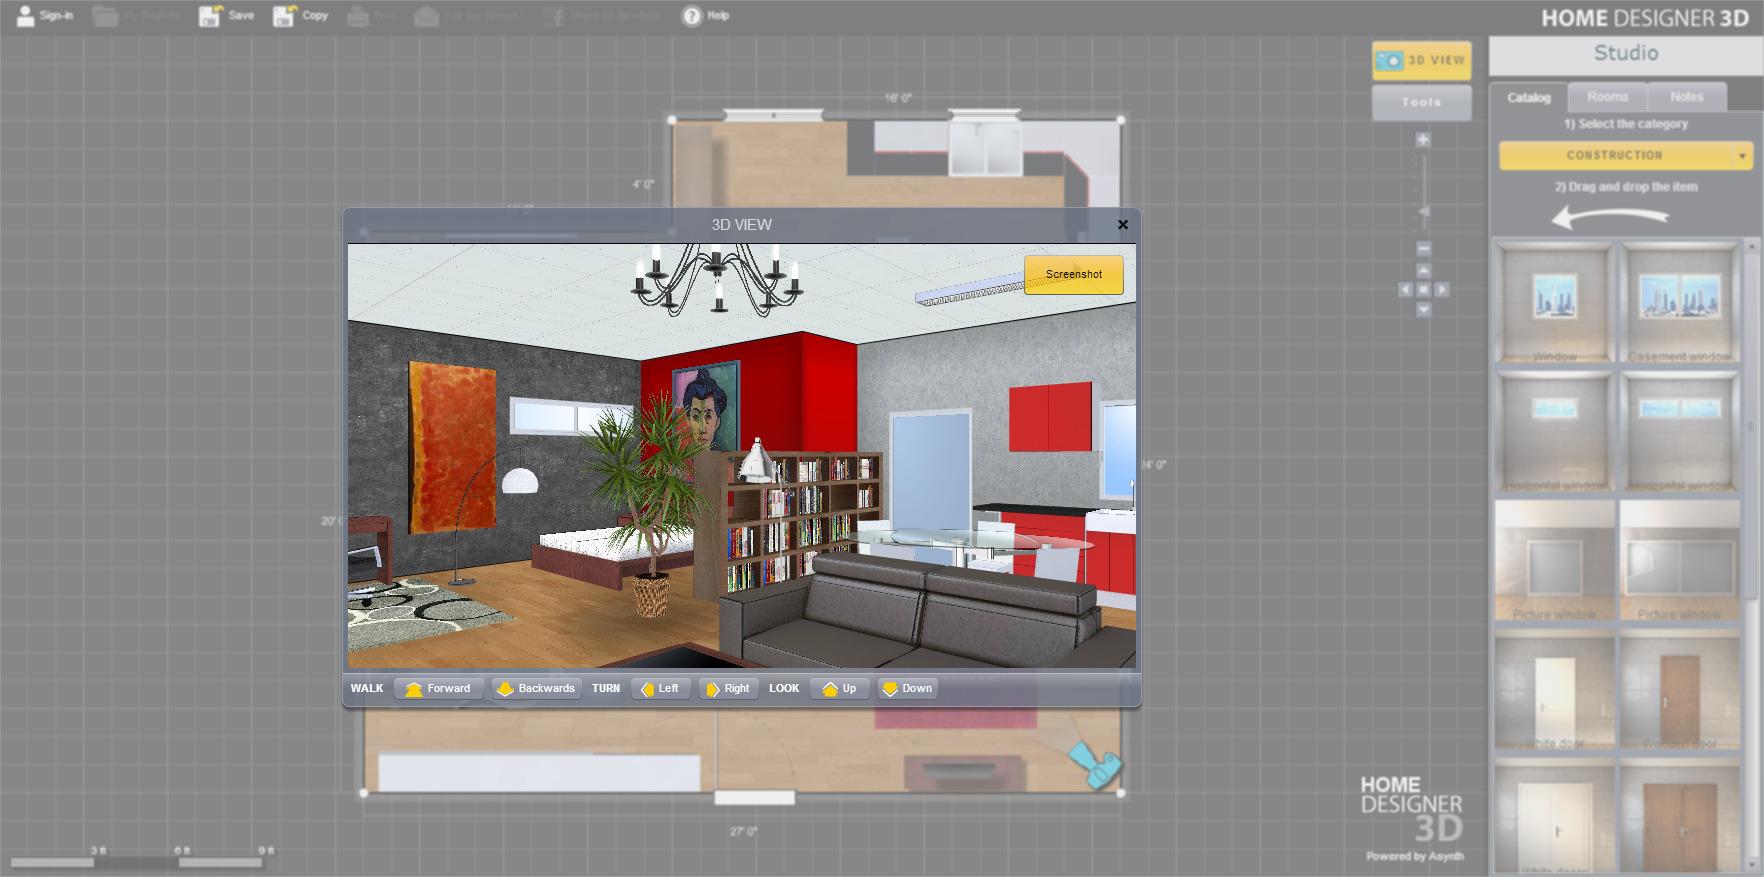 Logiciel architecture gratuit en ligne photos de for Amenagement interieur logiciel gratuit